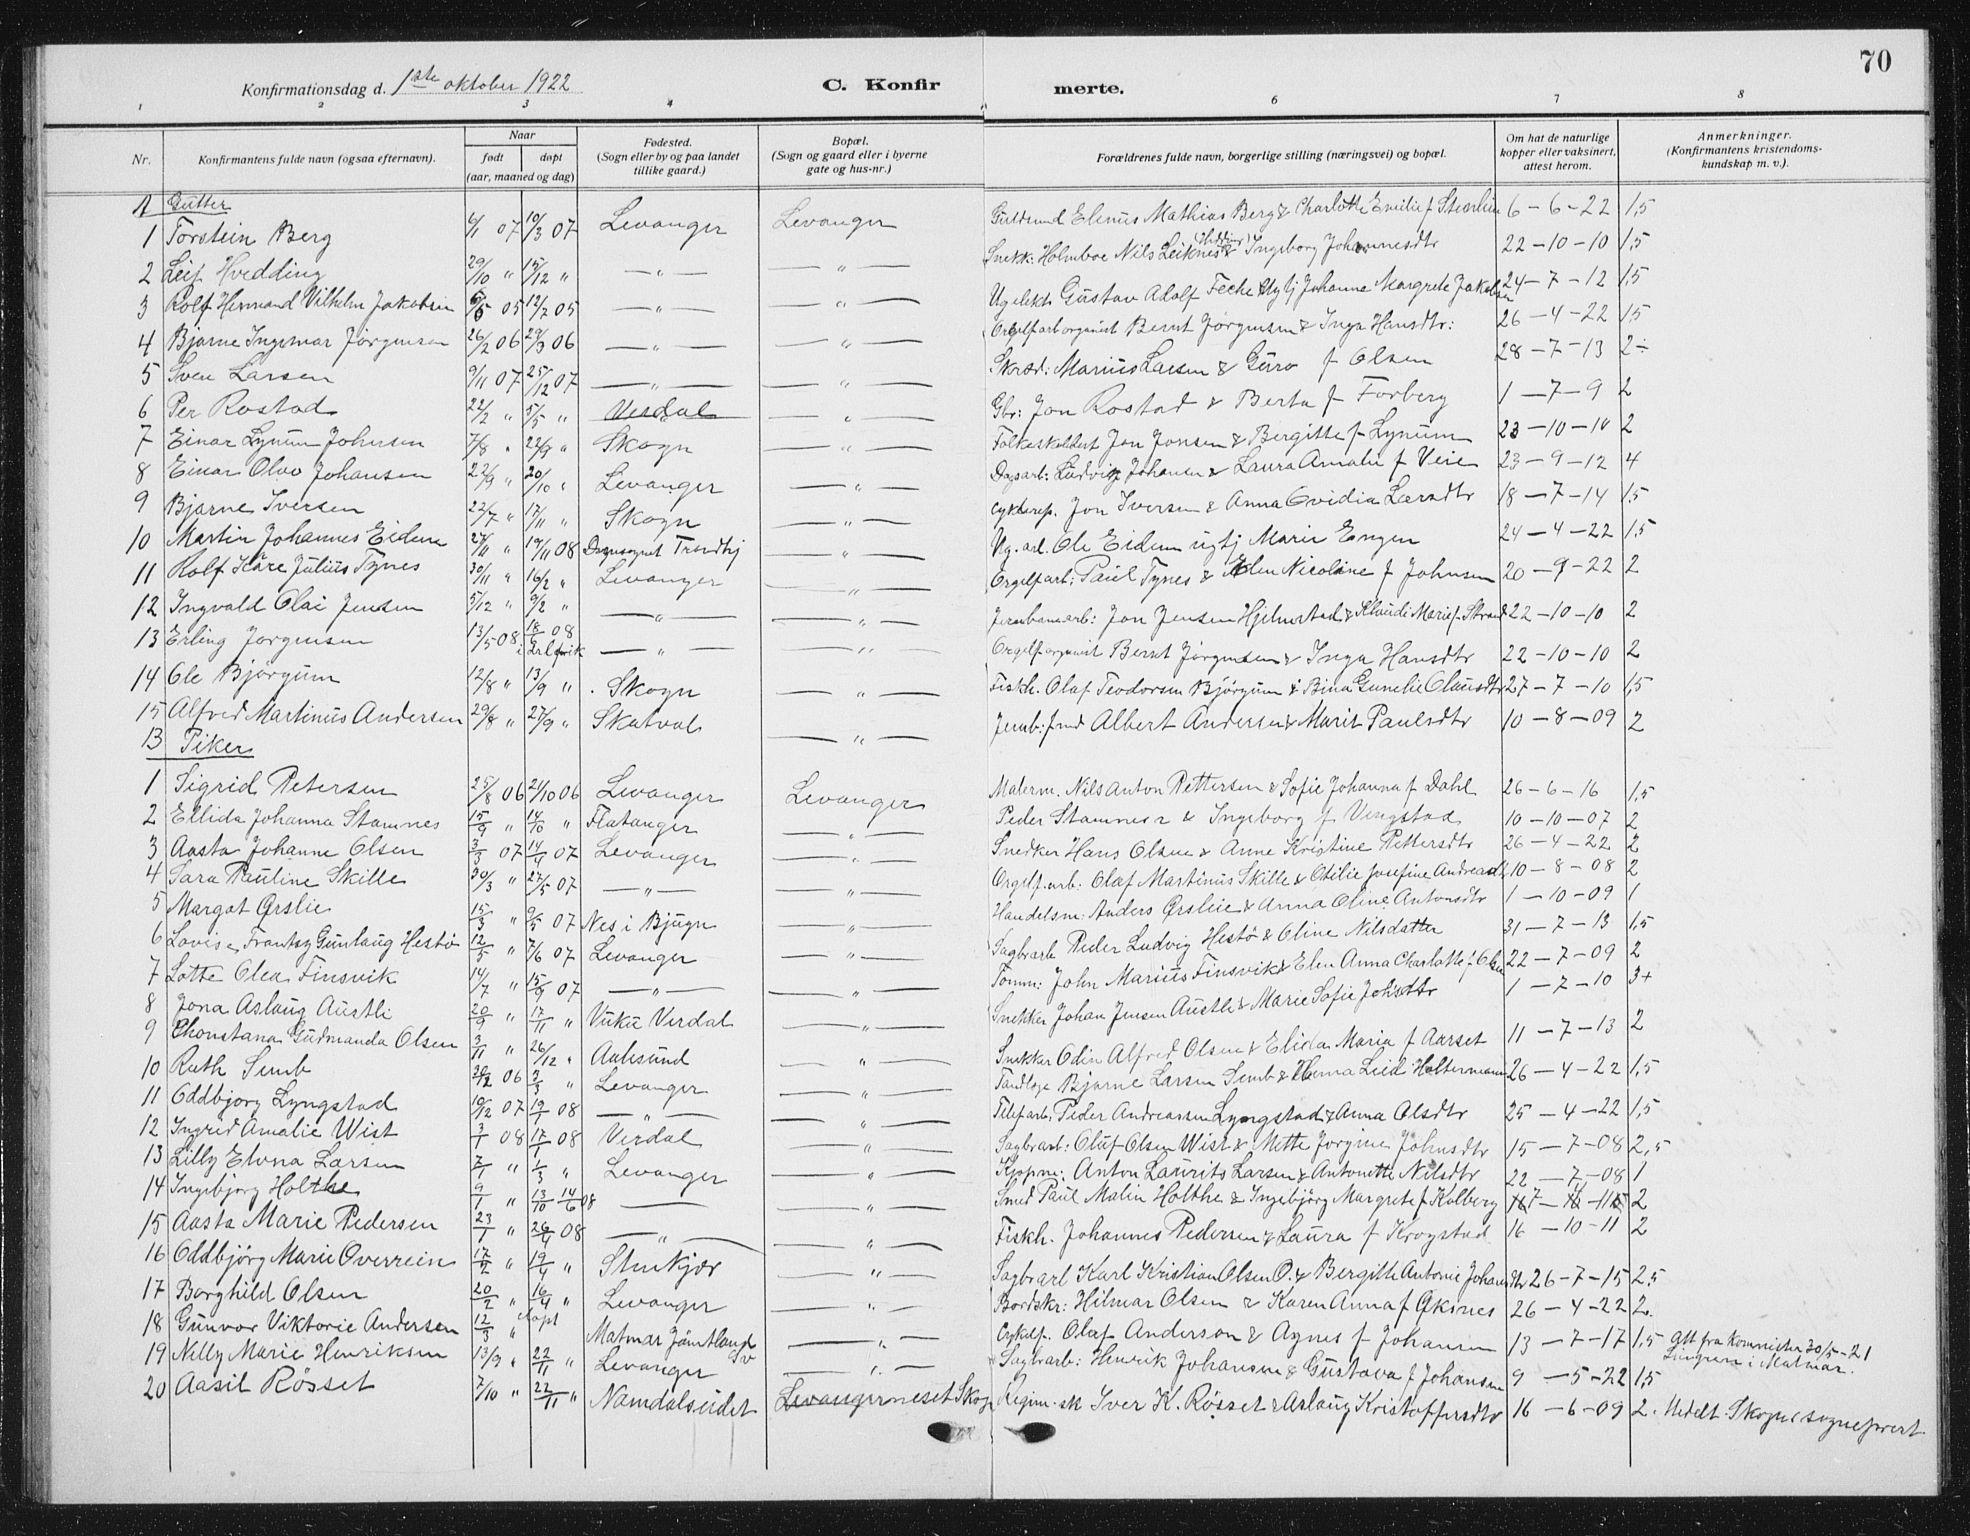 SAT, Ministerialprotokoller, klokkerbøker og fødselsregistre - Nord-Trøndelag, 720/L0193: Klokkerbok nr. 720C02, 1918-1941, s. 70